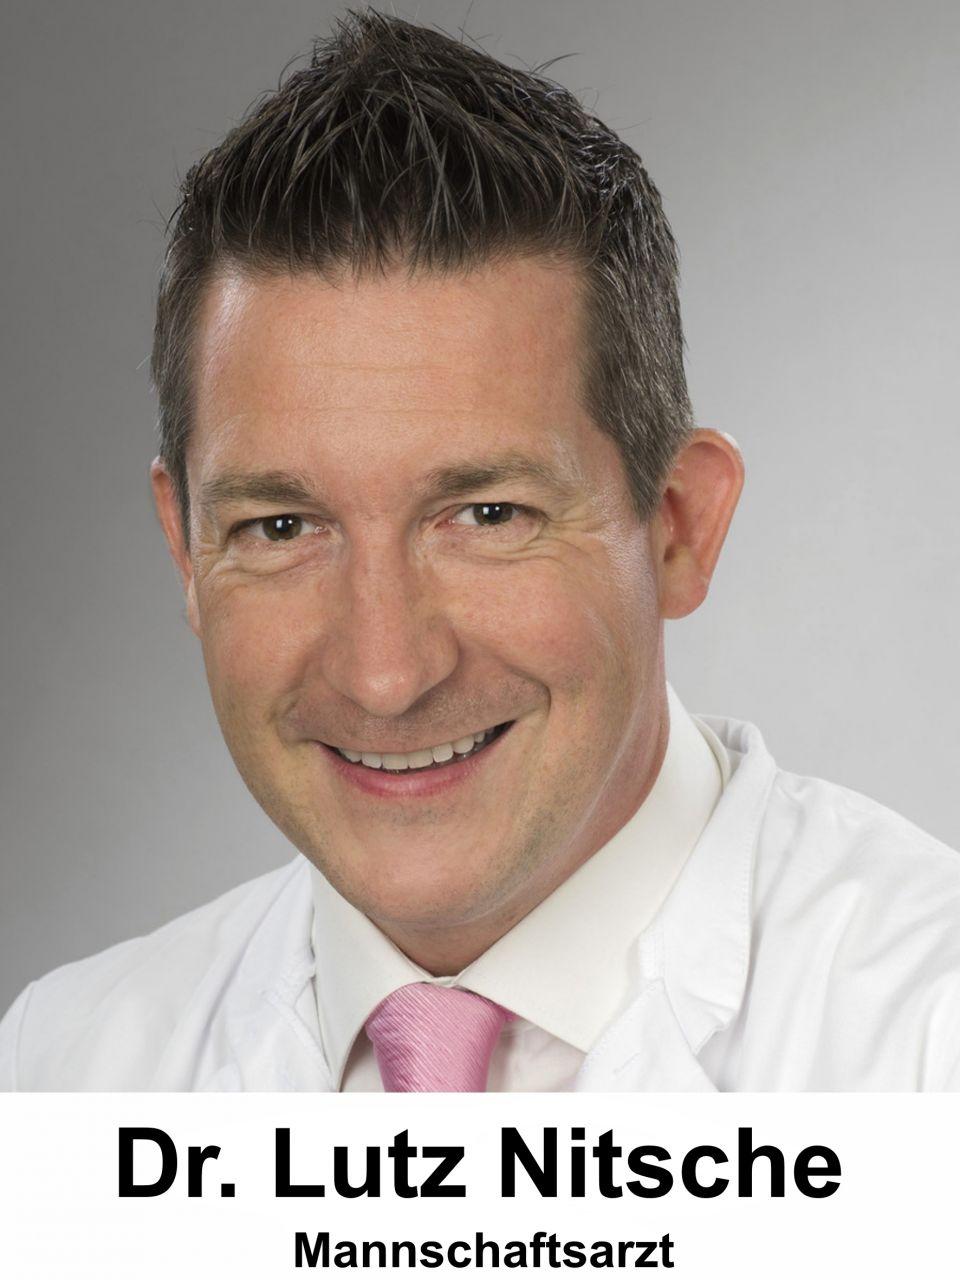 Dr. Nitsche